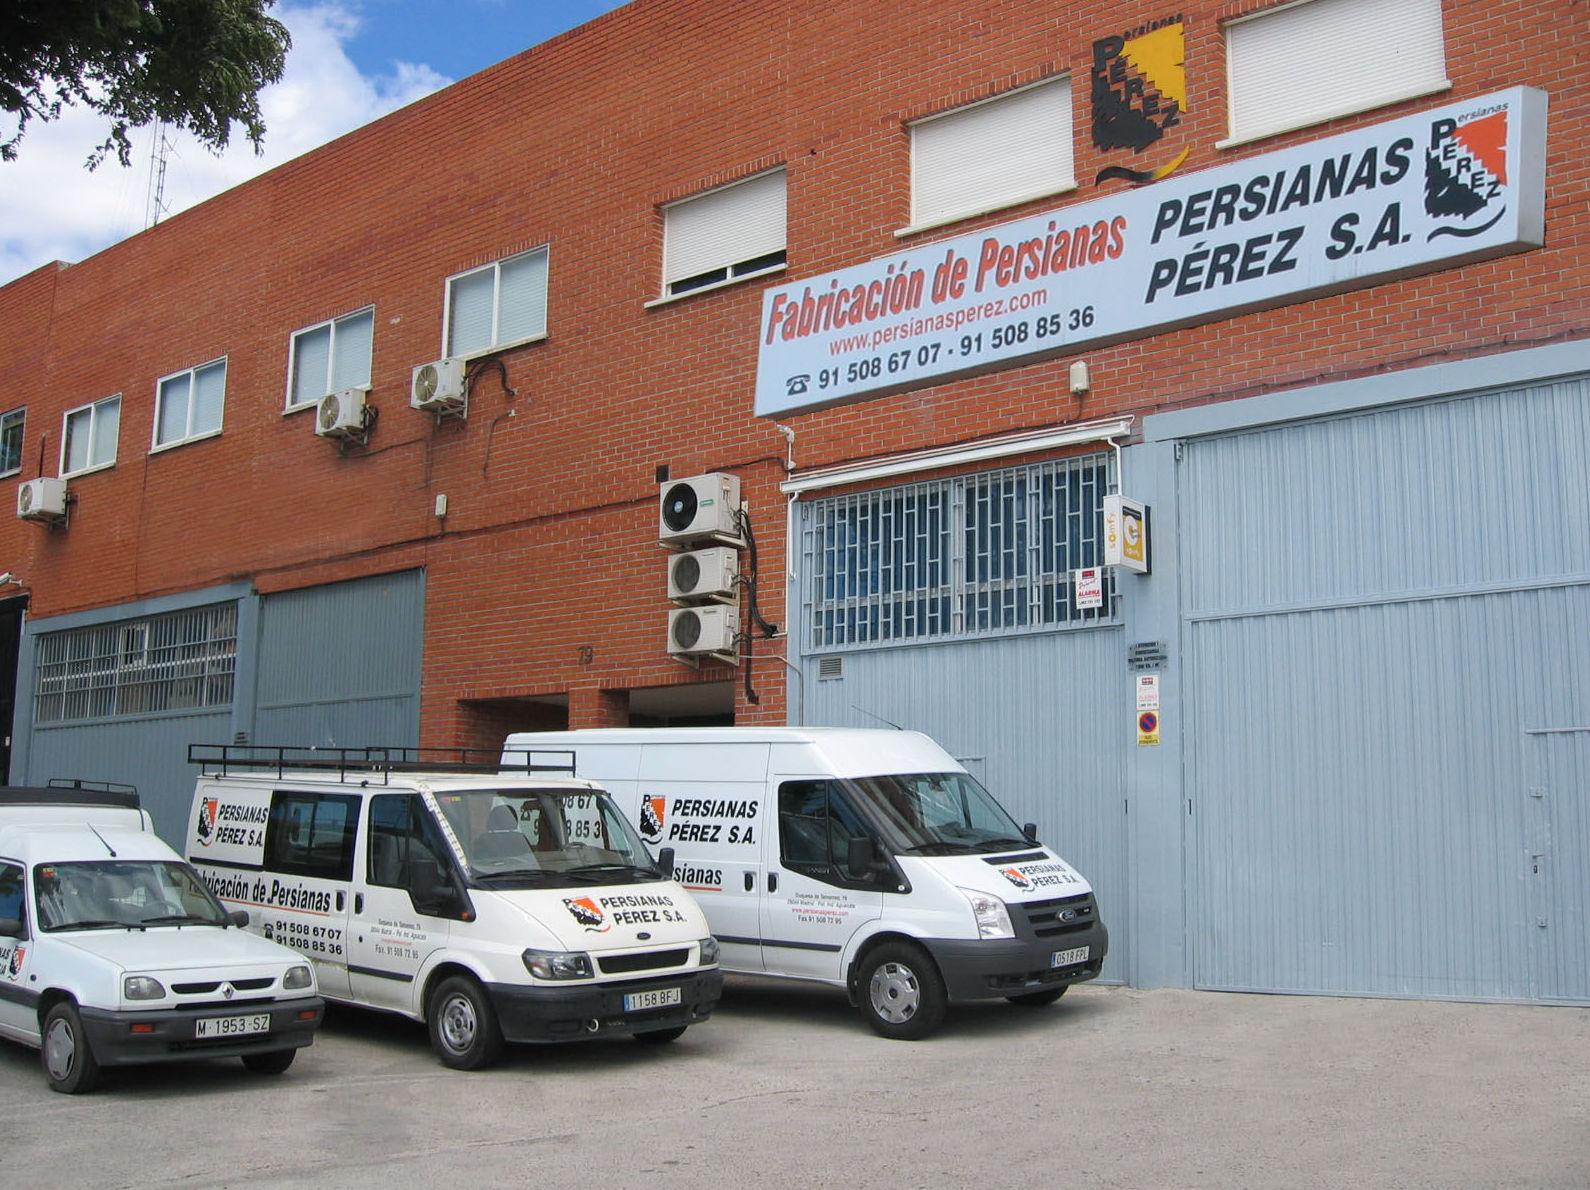 Fabrica de persianas en Madrid